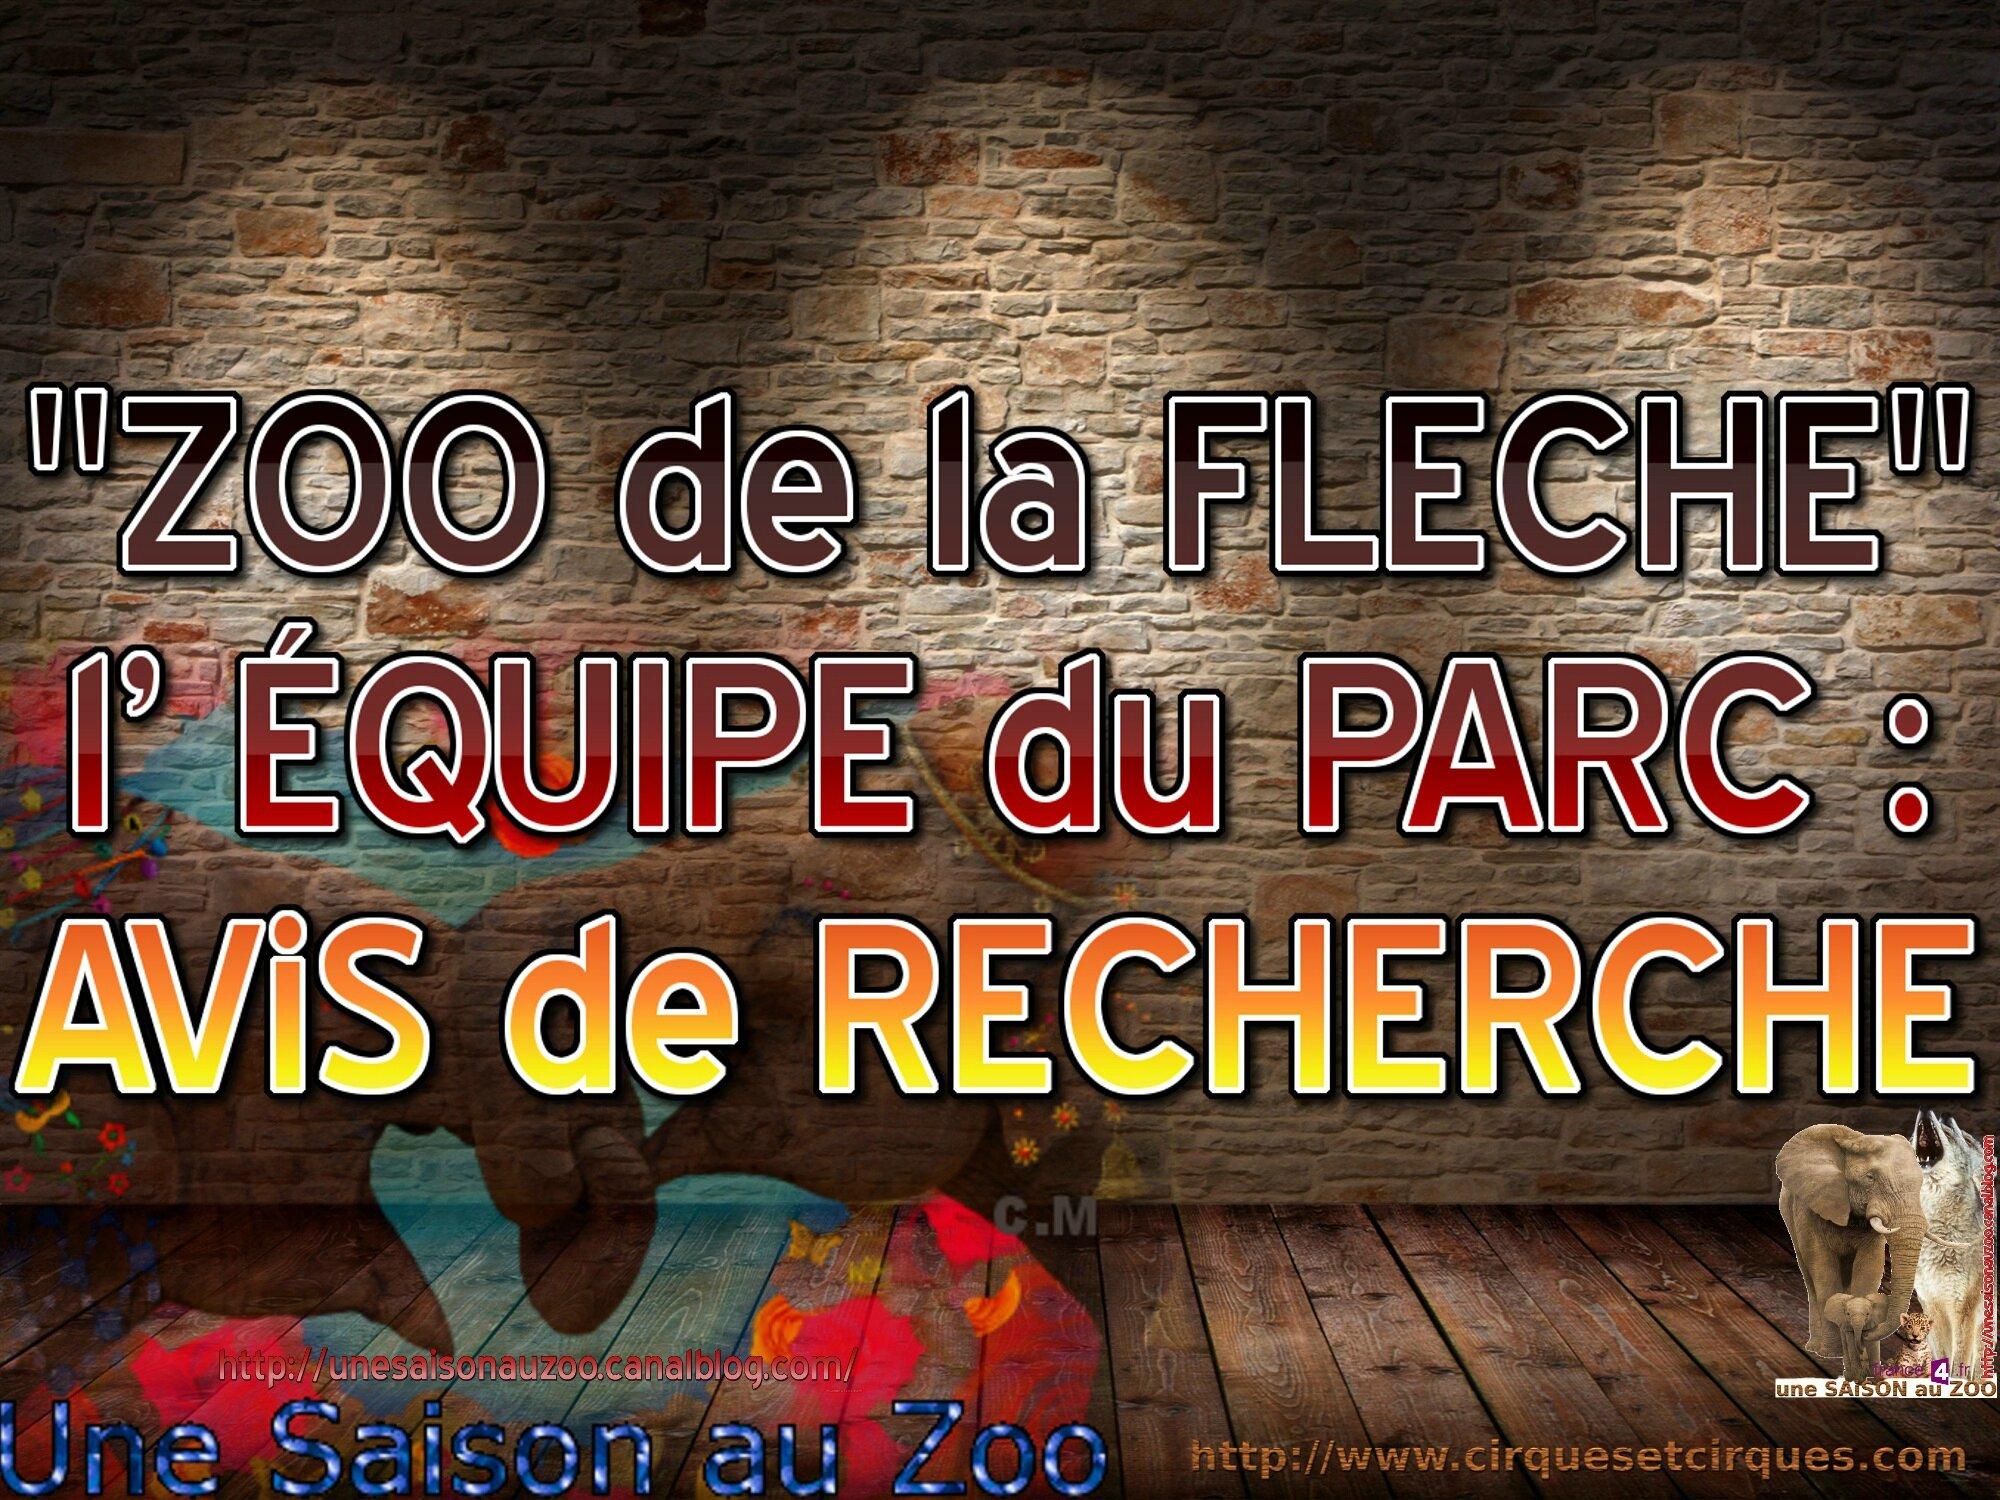 - ZOO de la FLECHE Une SAiSON au ZOO l' ÉQUIPE du PARC AViS de RECHERCHE